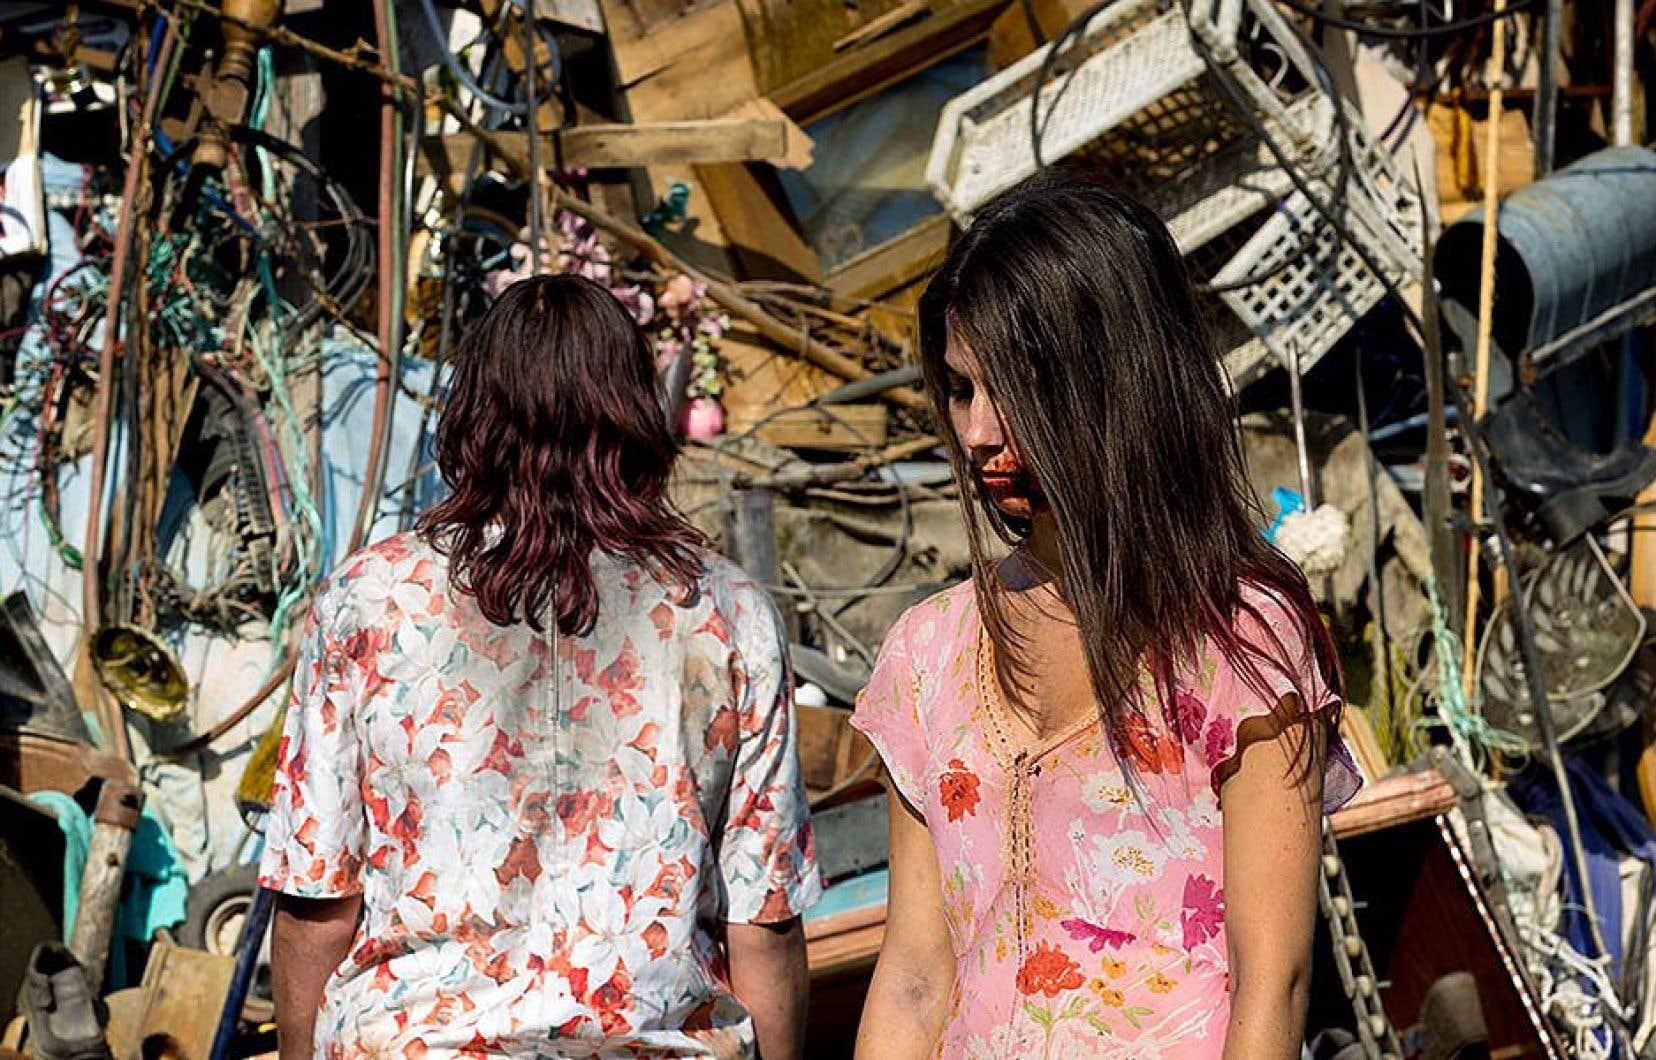 Robin Aubert, avec «Les affamés», a impressionné le jury par son œuvre hybride d'art et d'essai qui raconte l'histoire d'humains survivants traqués par des vampires zombies.